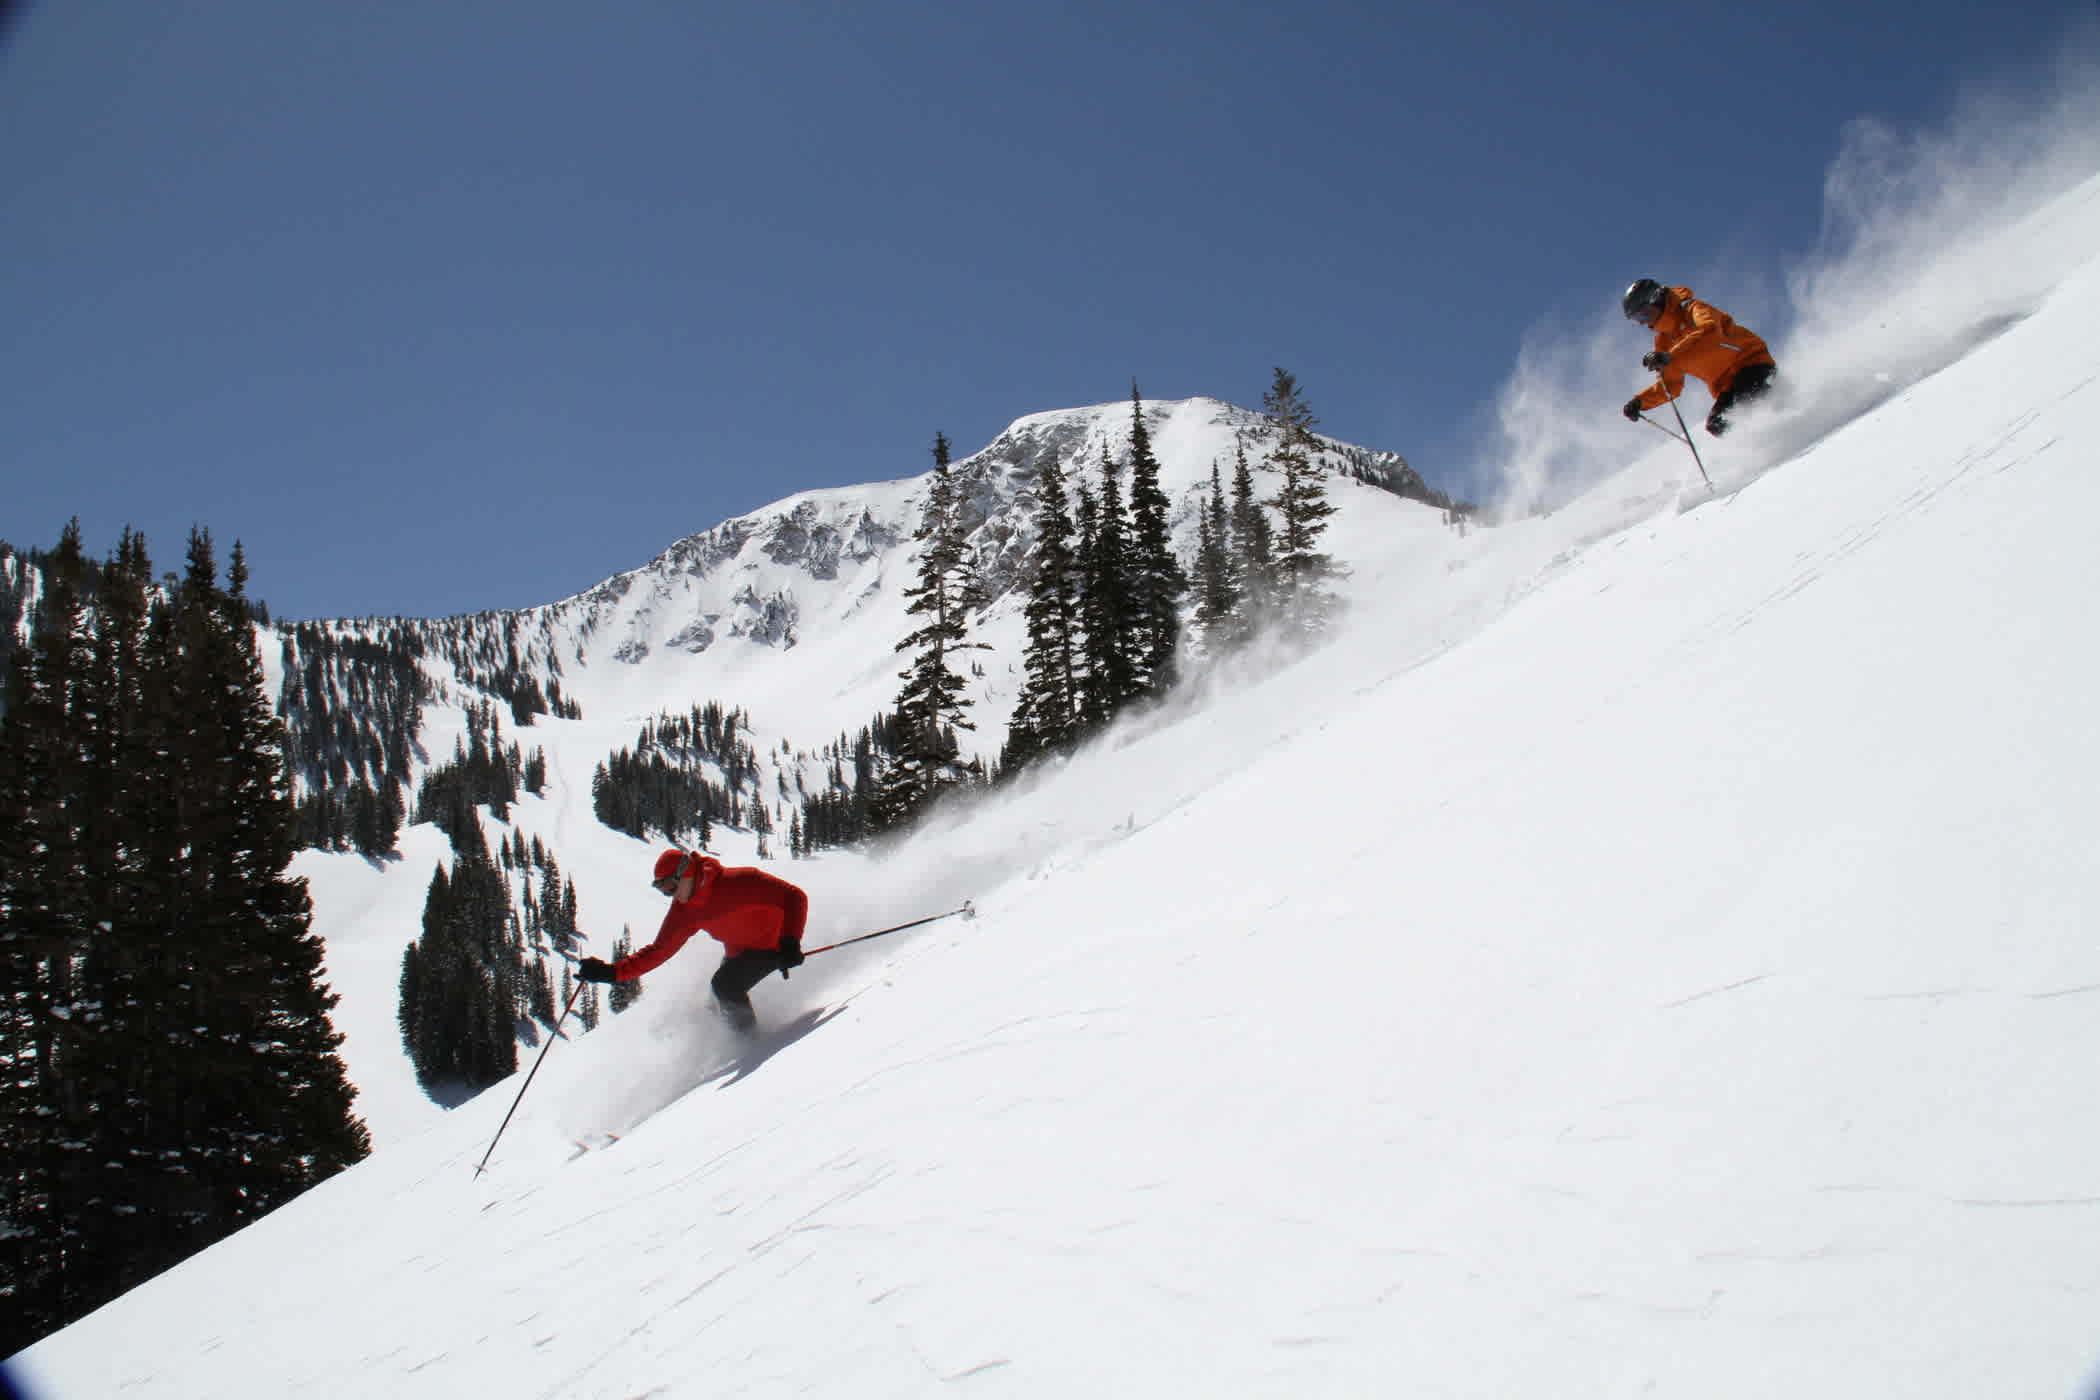 Two skiers enjoying a bluebird powder day